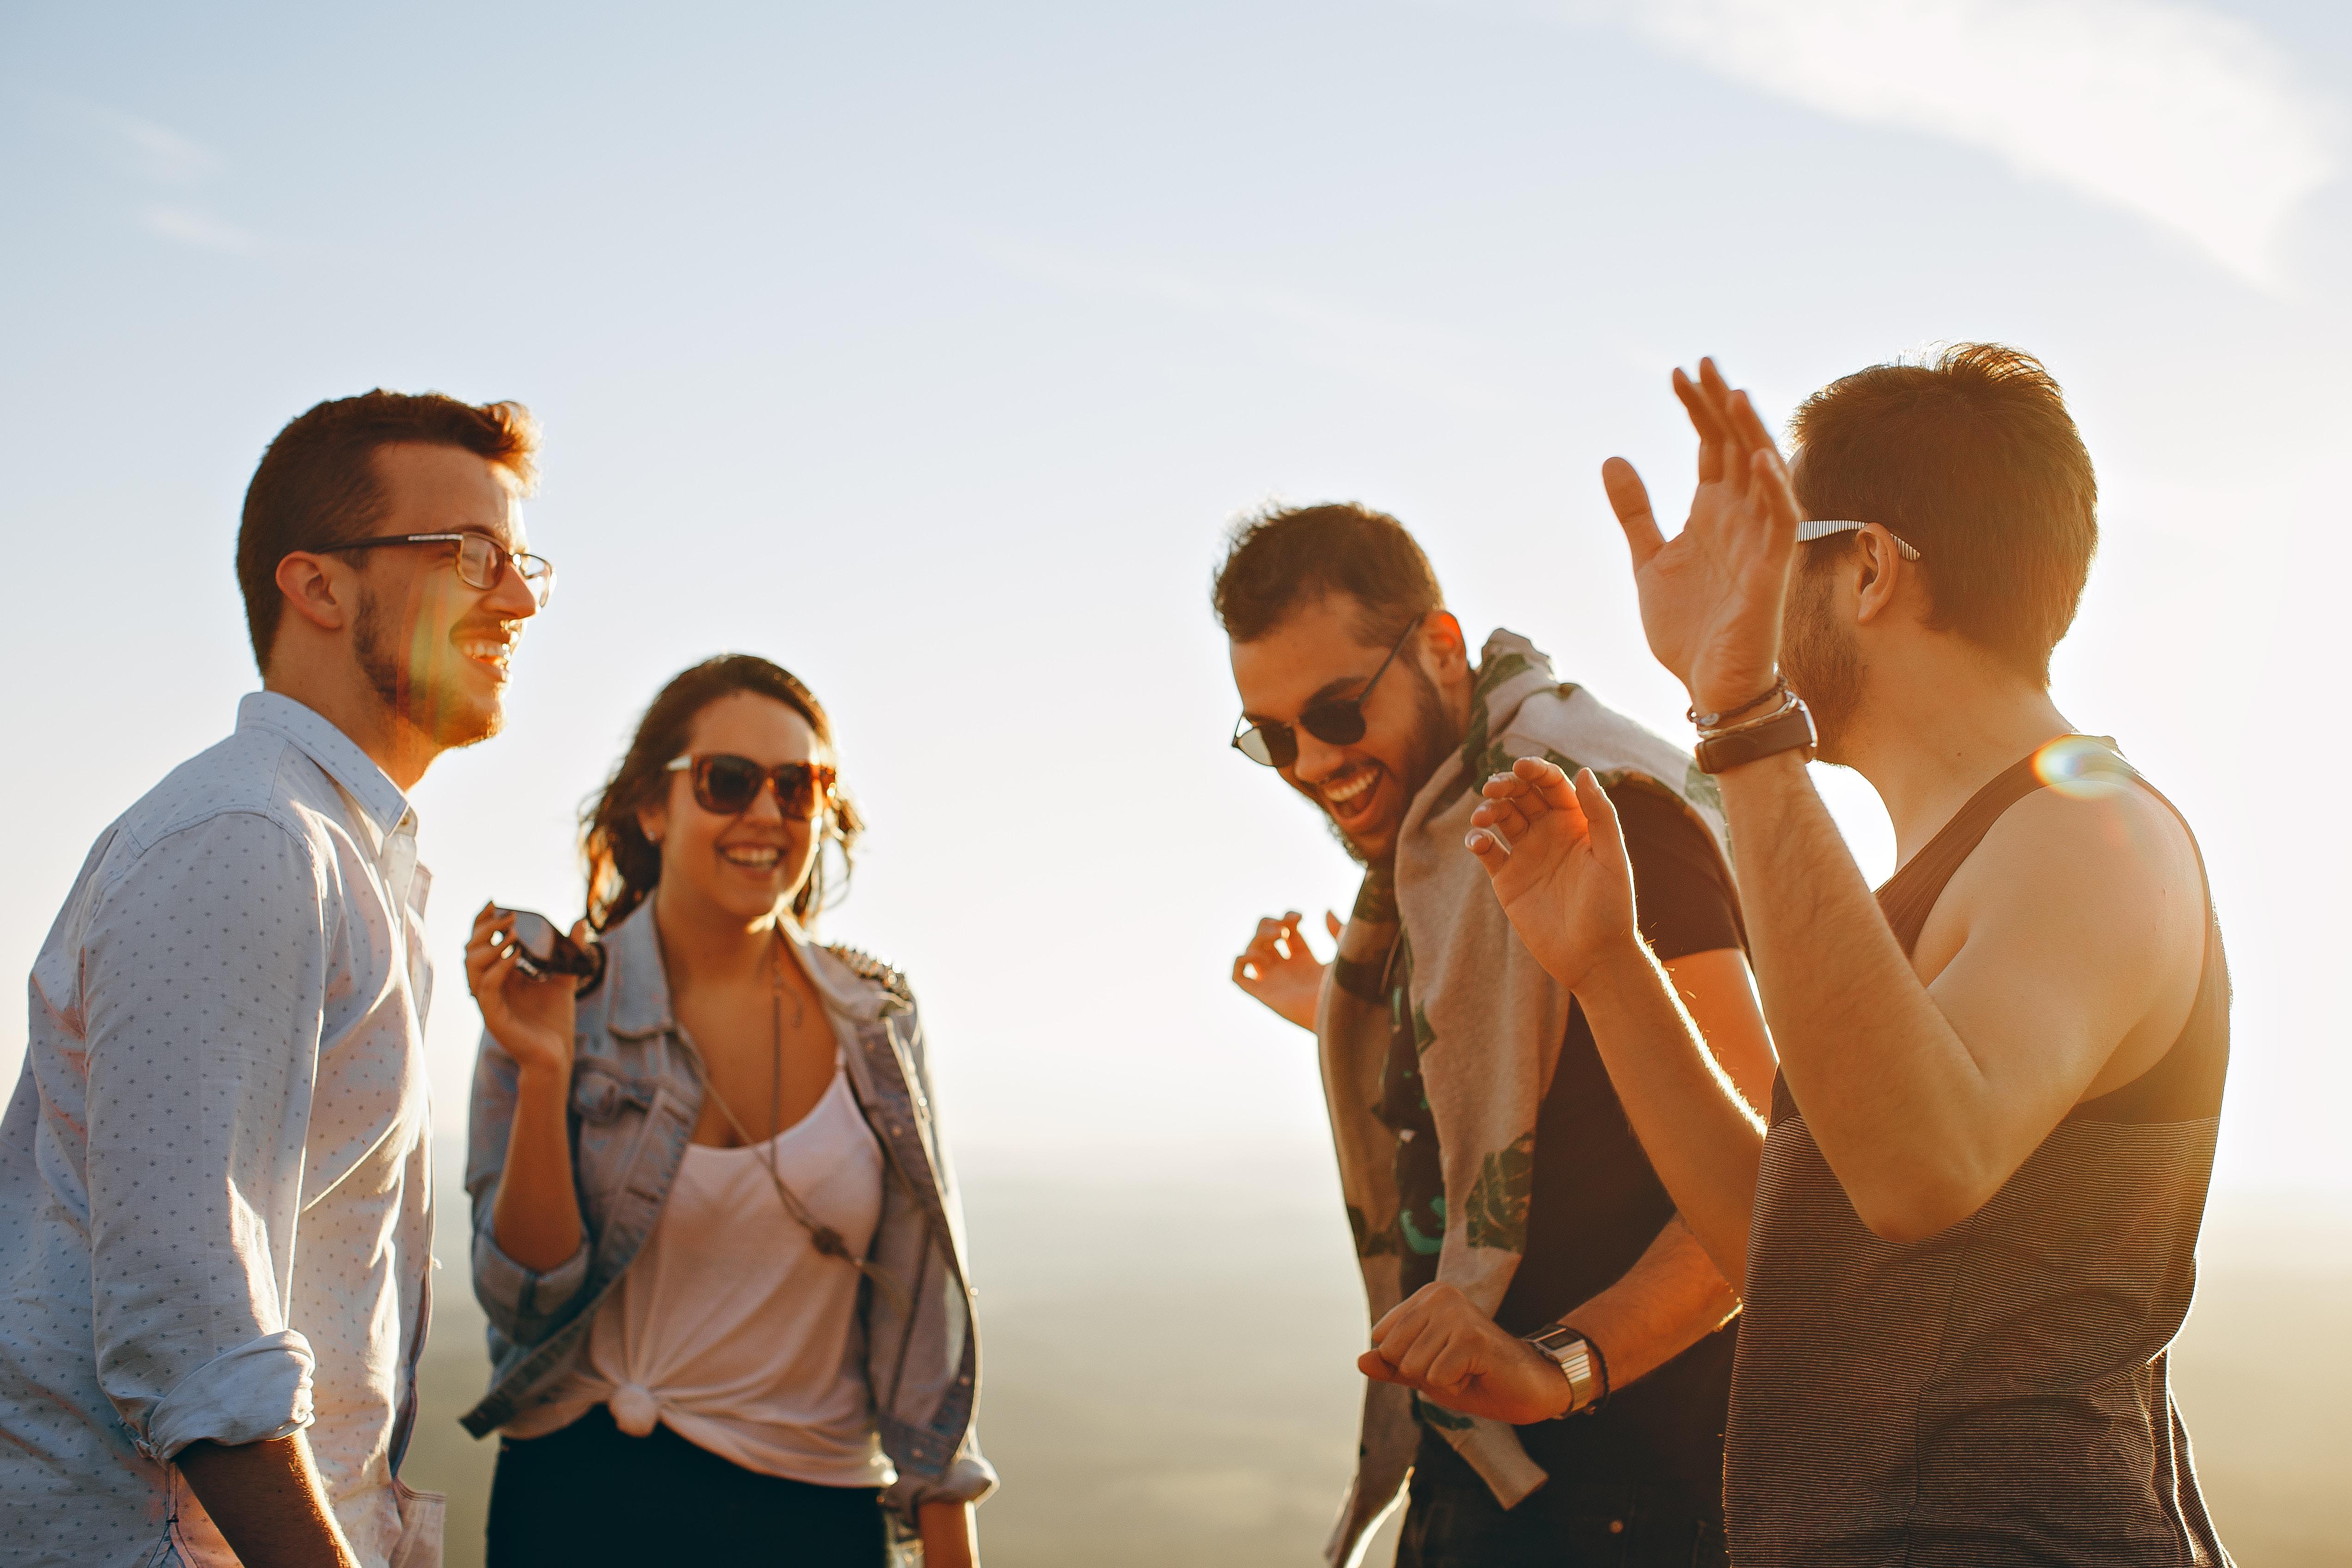 Les millennials sur les réseaux sociaux3_Hivency_Blog marque